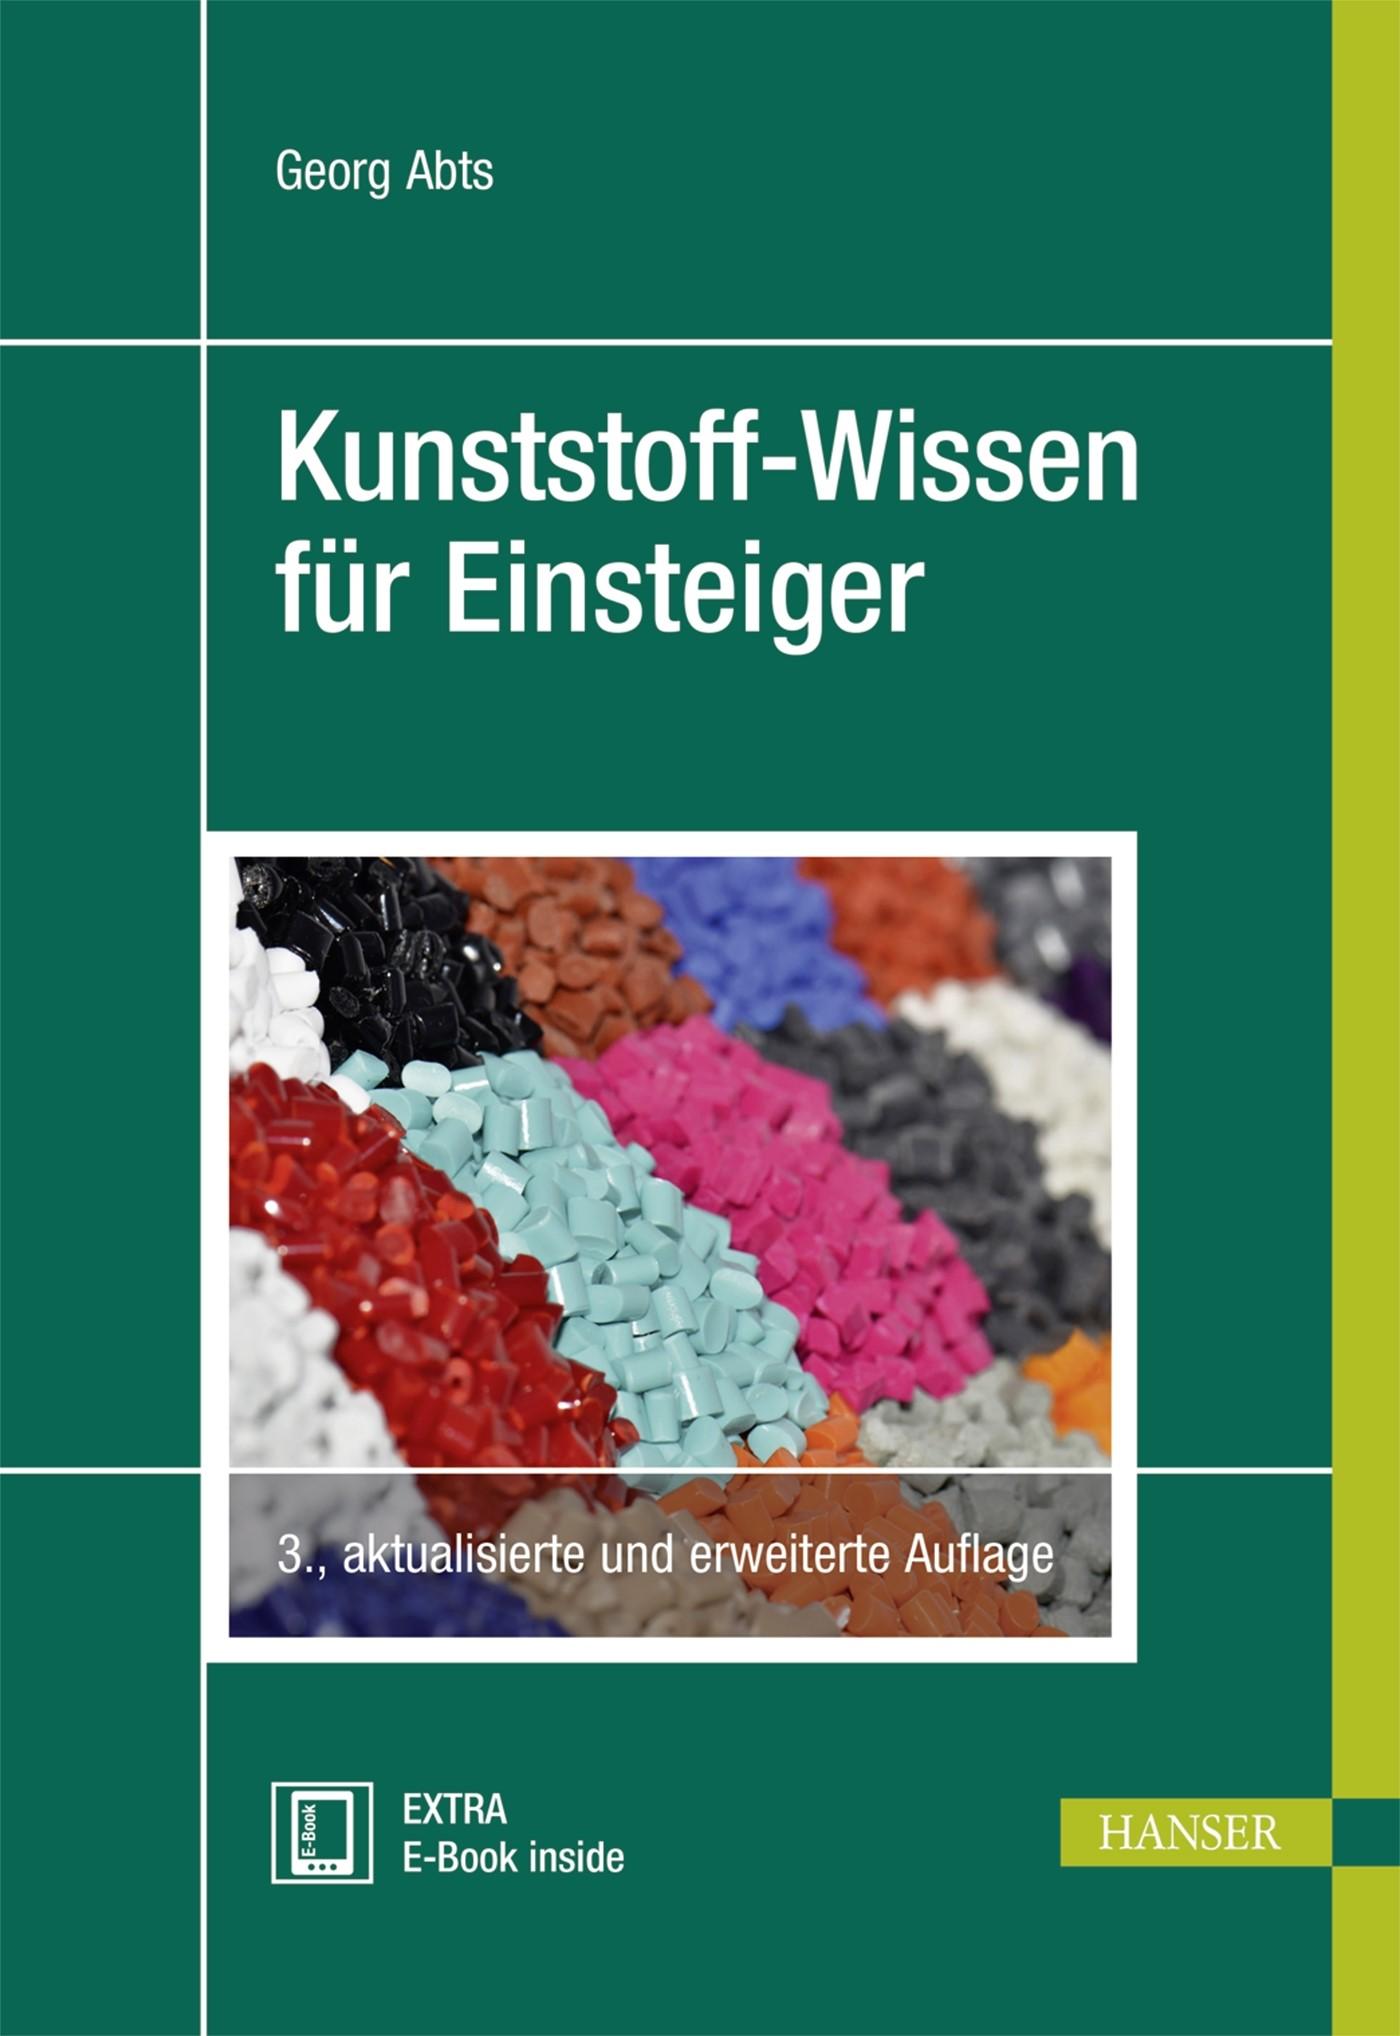 Kunststoff-Wissen für Einsteiger | Abts | 3., aktualisierte und erweiterte Auflage, 2016 | Buch (Cover)